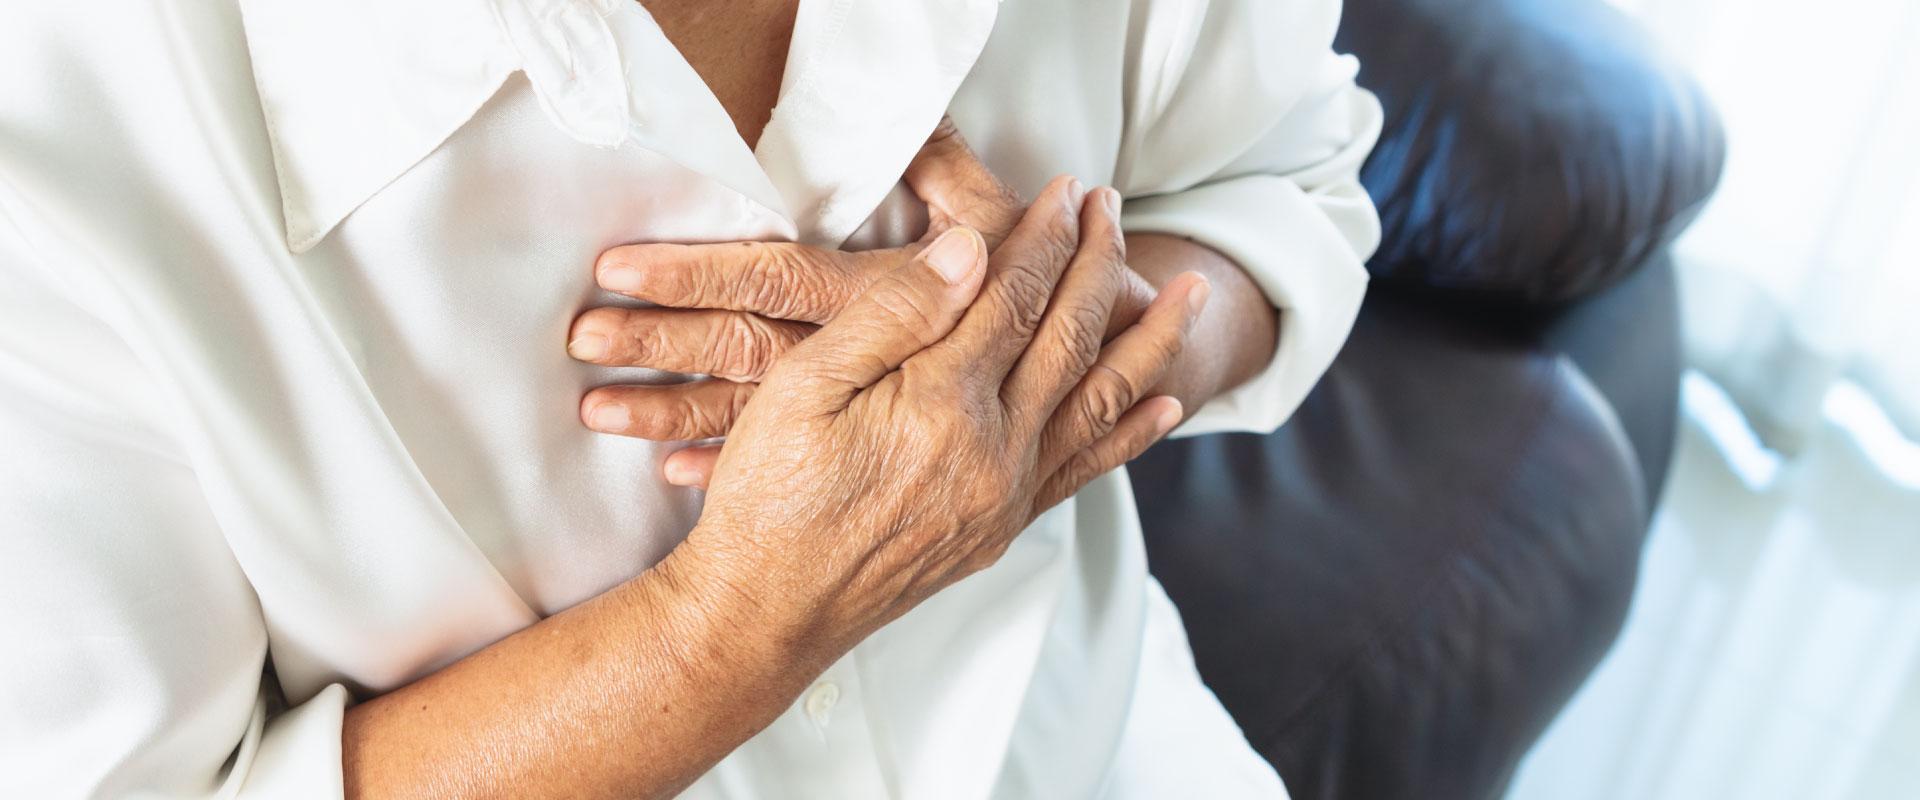 Mortes por doenças cardiovasculares aumentaram em média 50% durante a pandemia